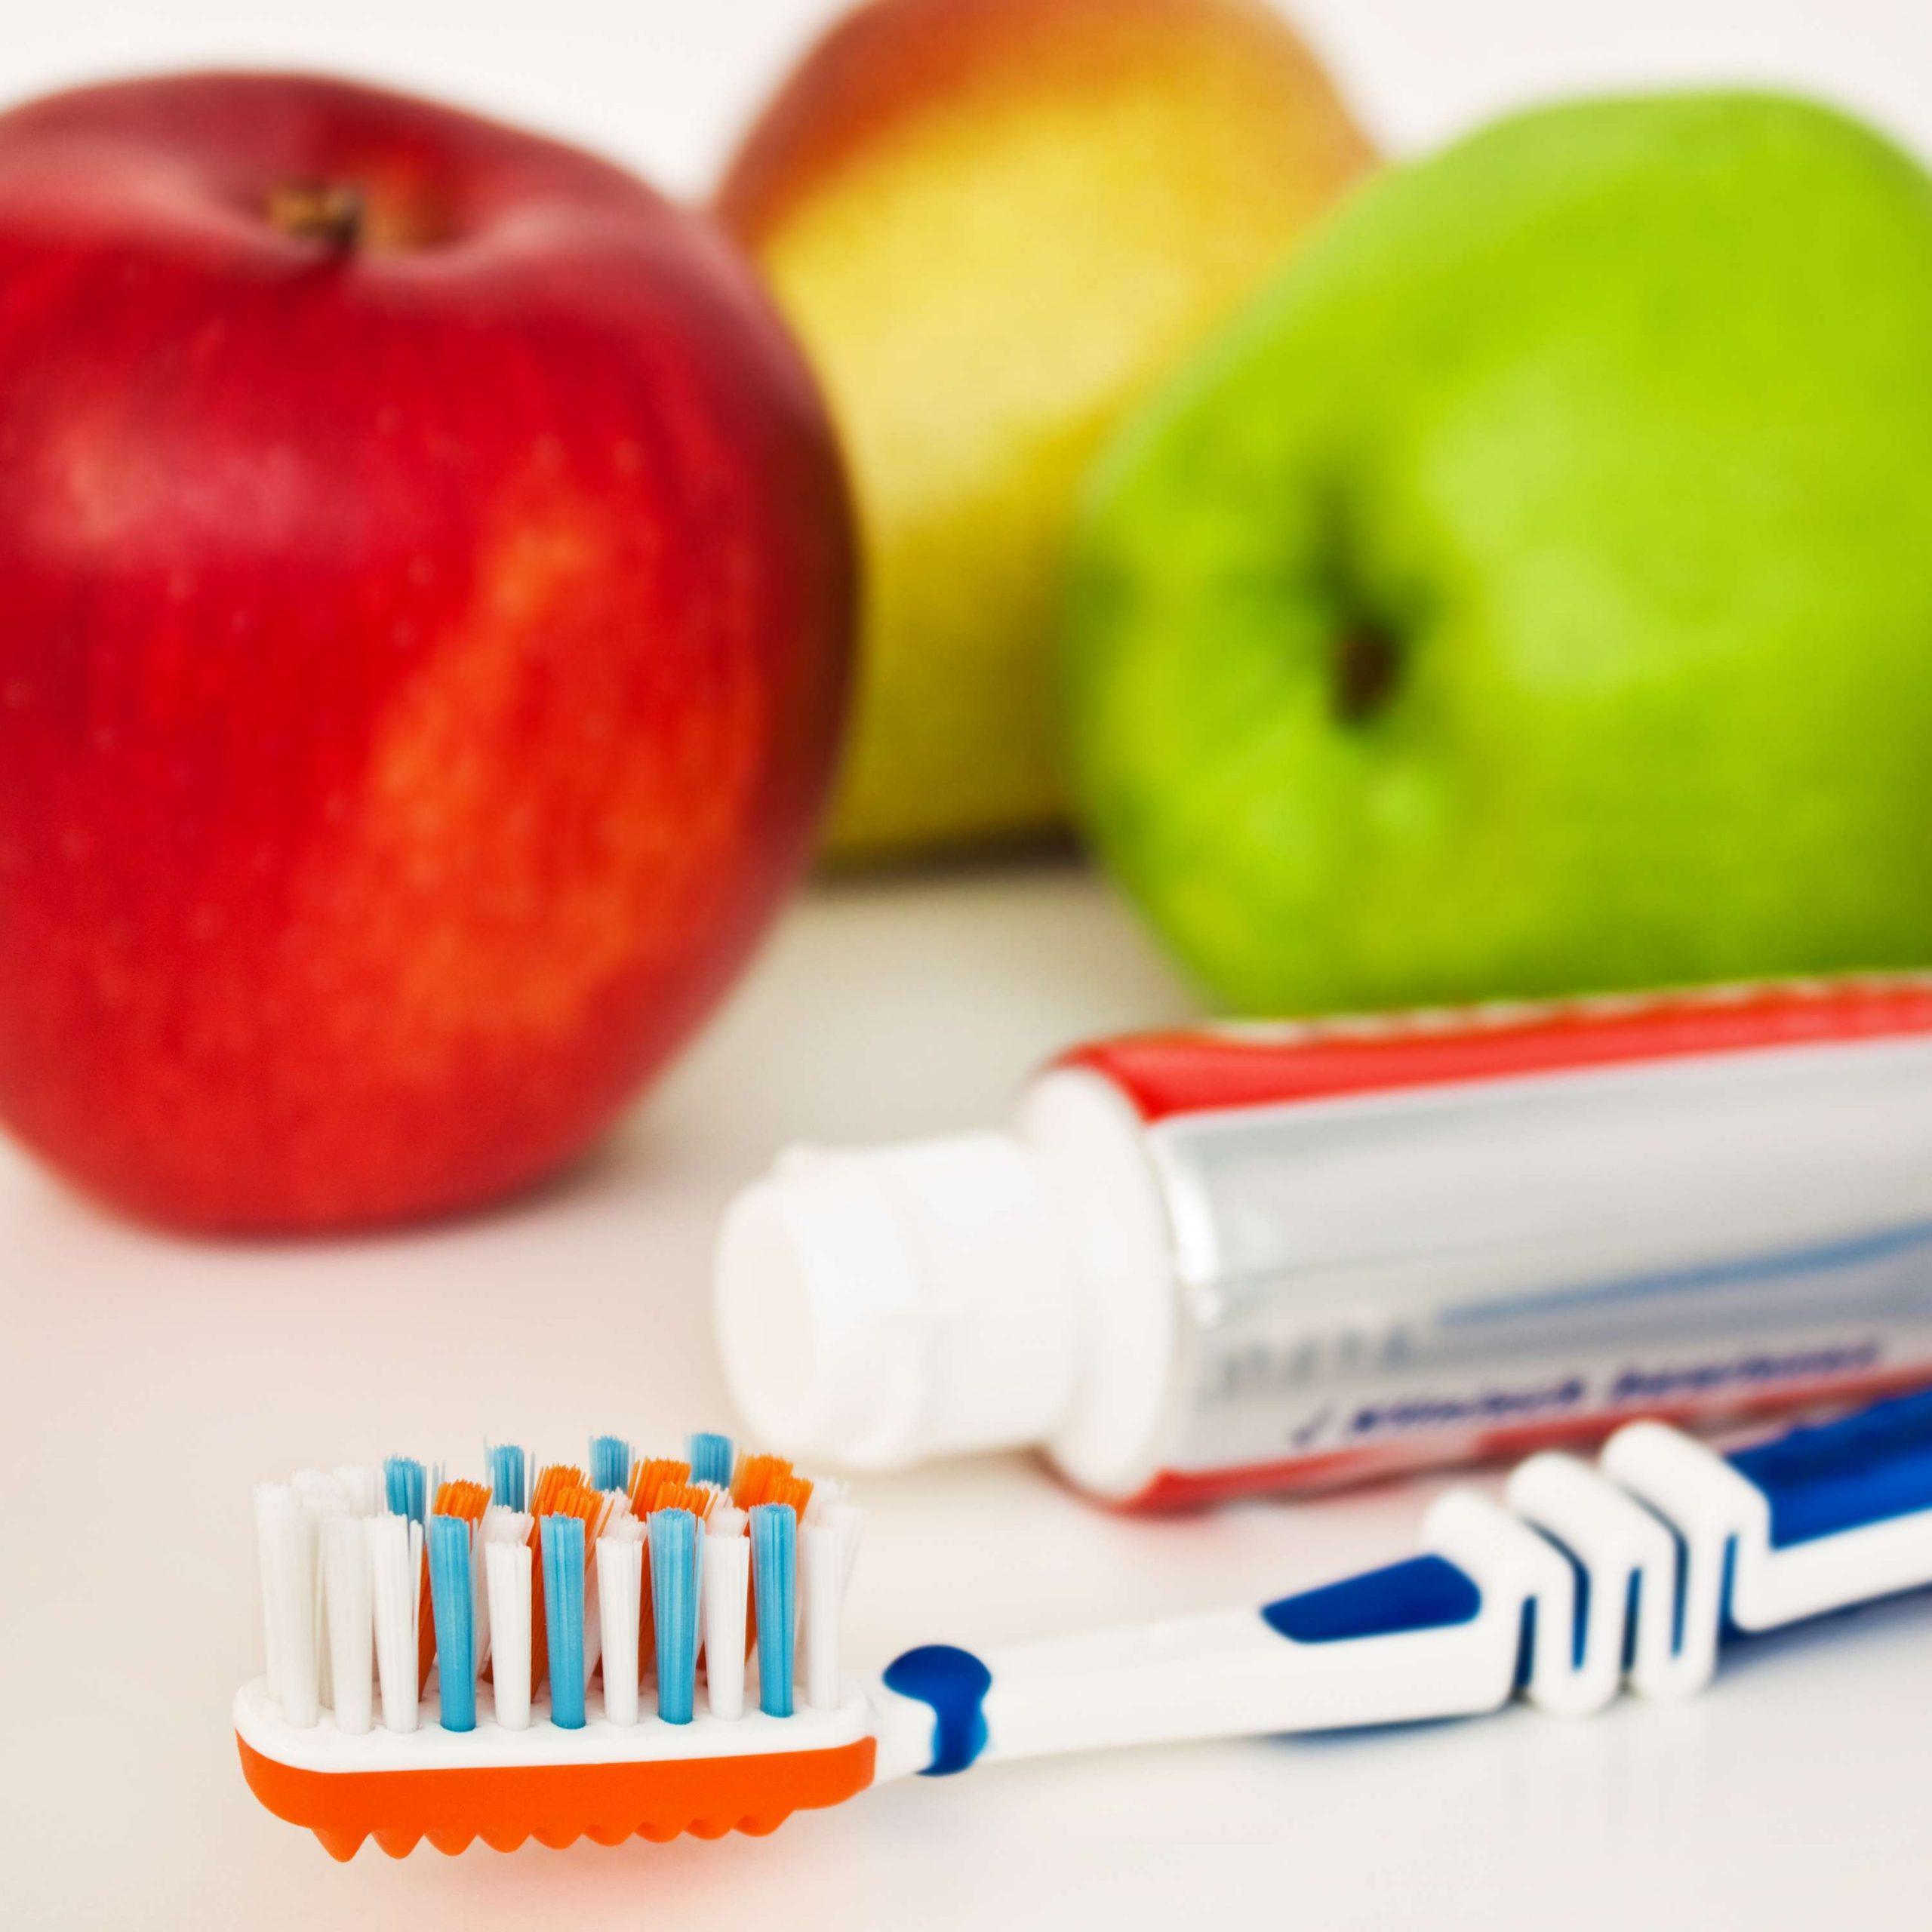 Prevenzione dentale lucca